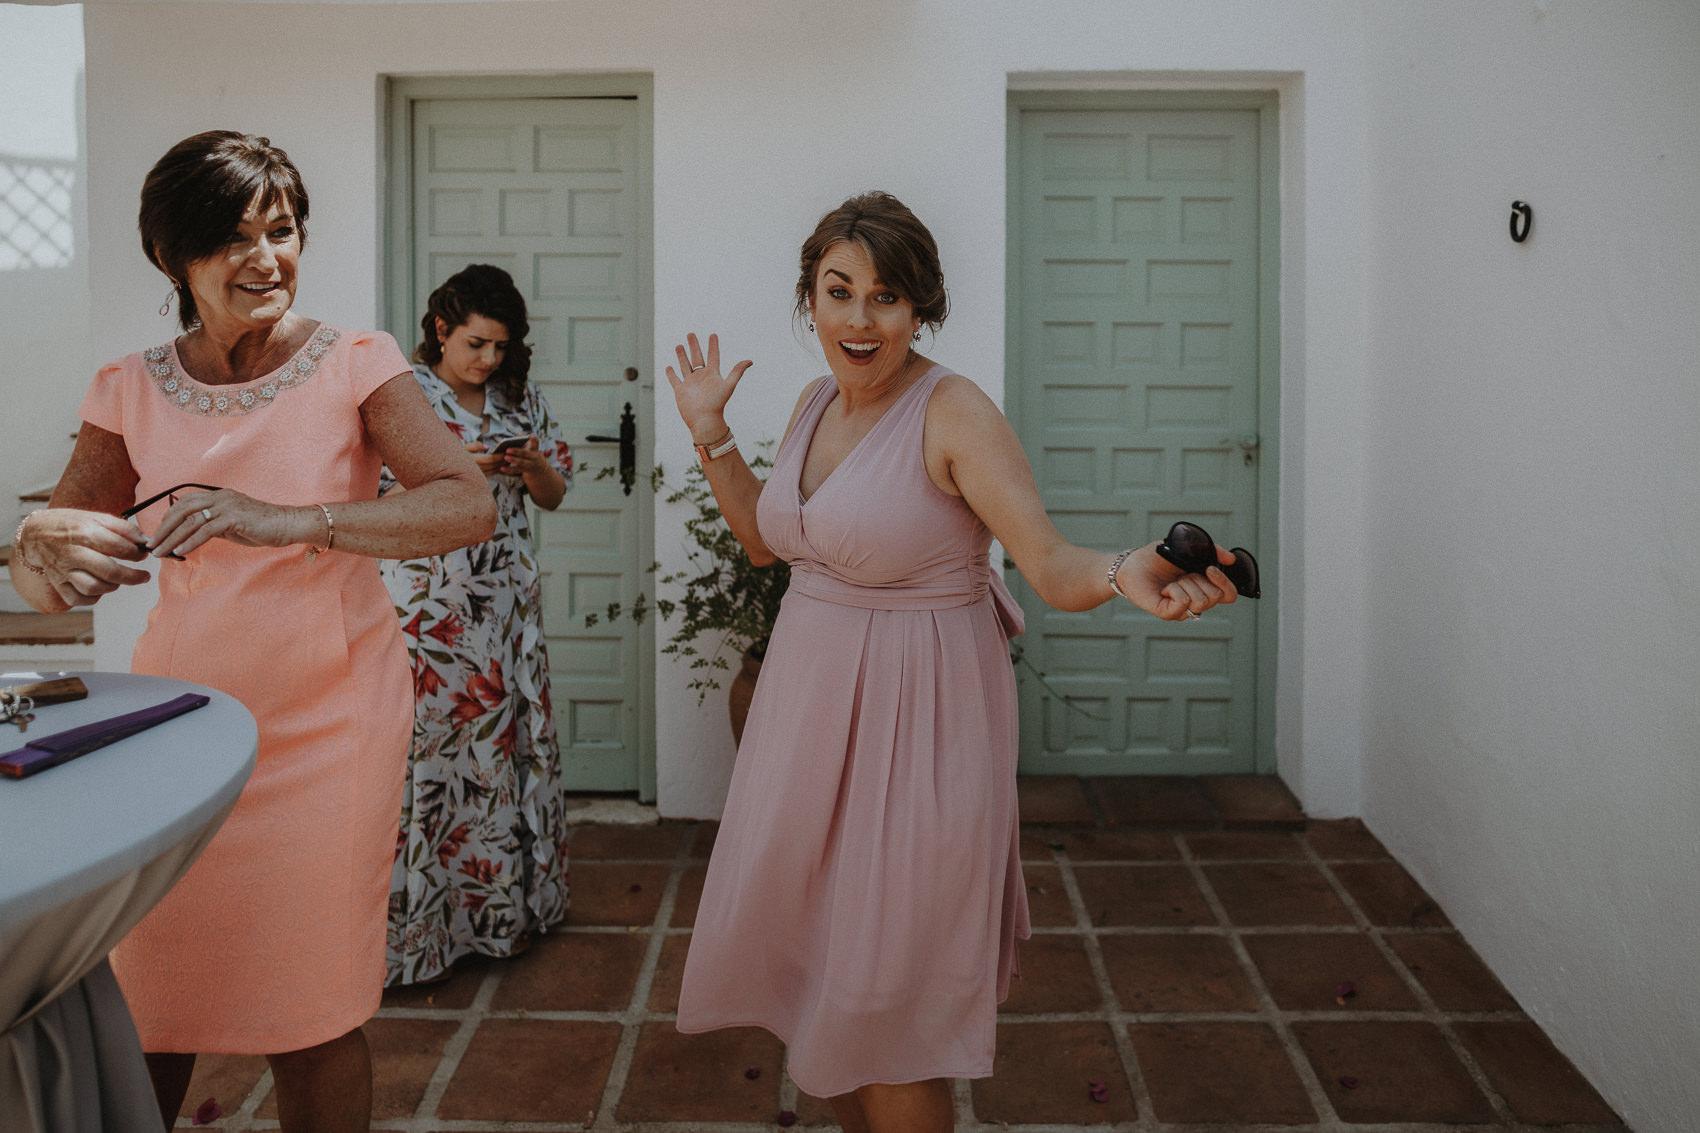 Sarah & Bill | Summer wedding at Cortijo Rosa Blanca | Marbella - Spain 35